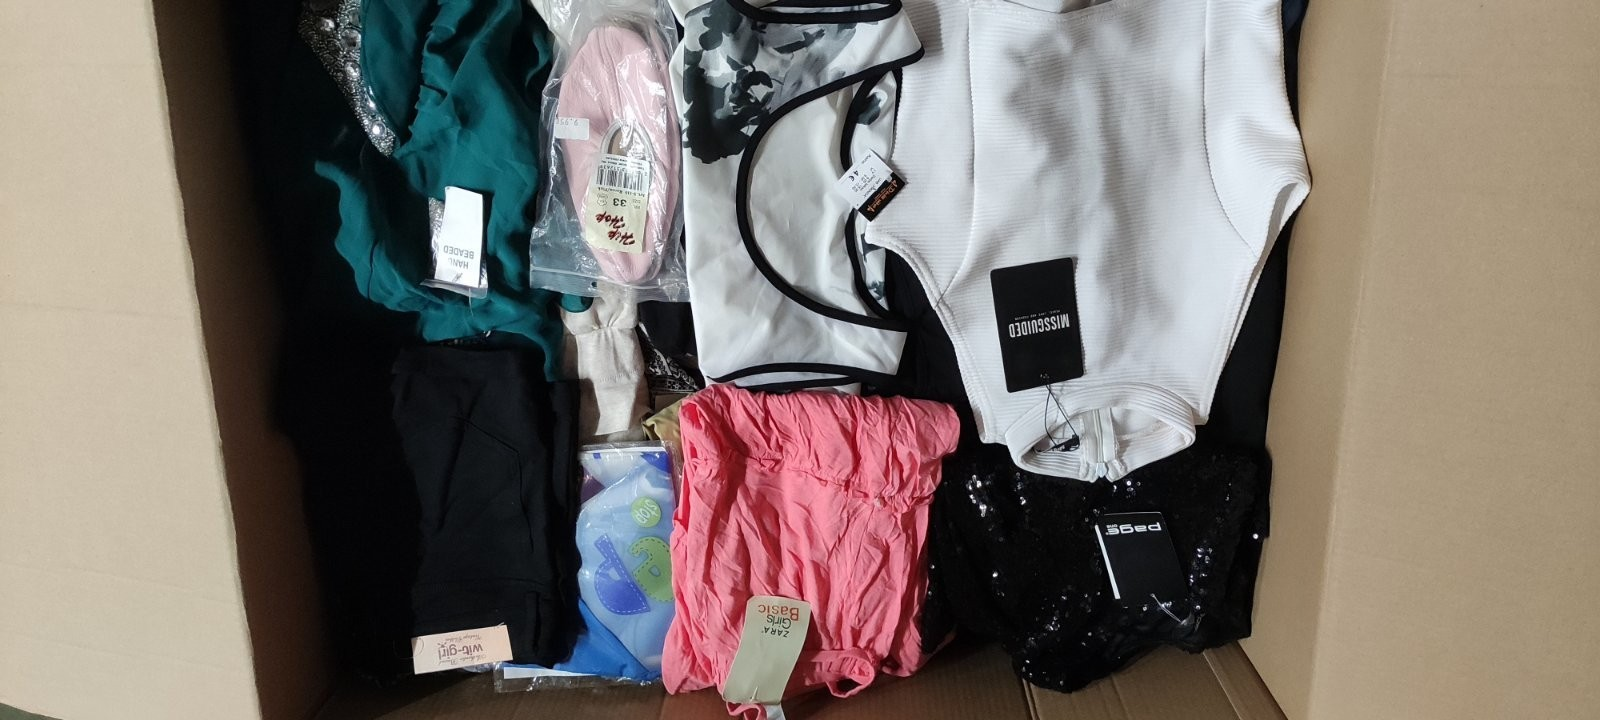 Clothes with Tags Est. Original Retail €6,210, Telsiai, LT